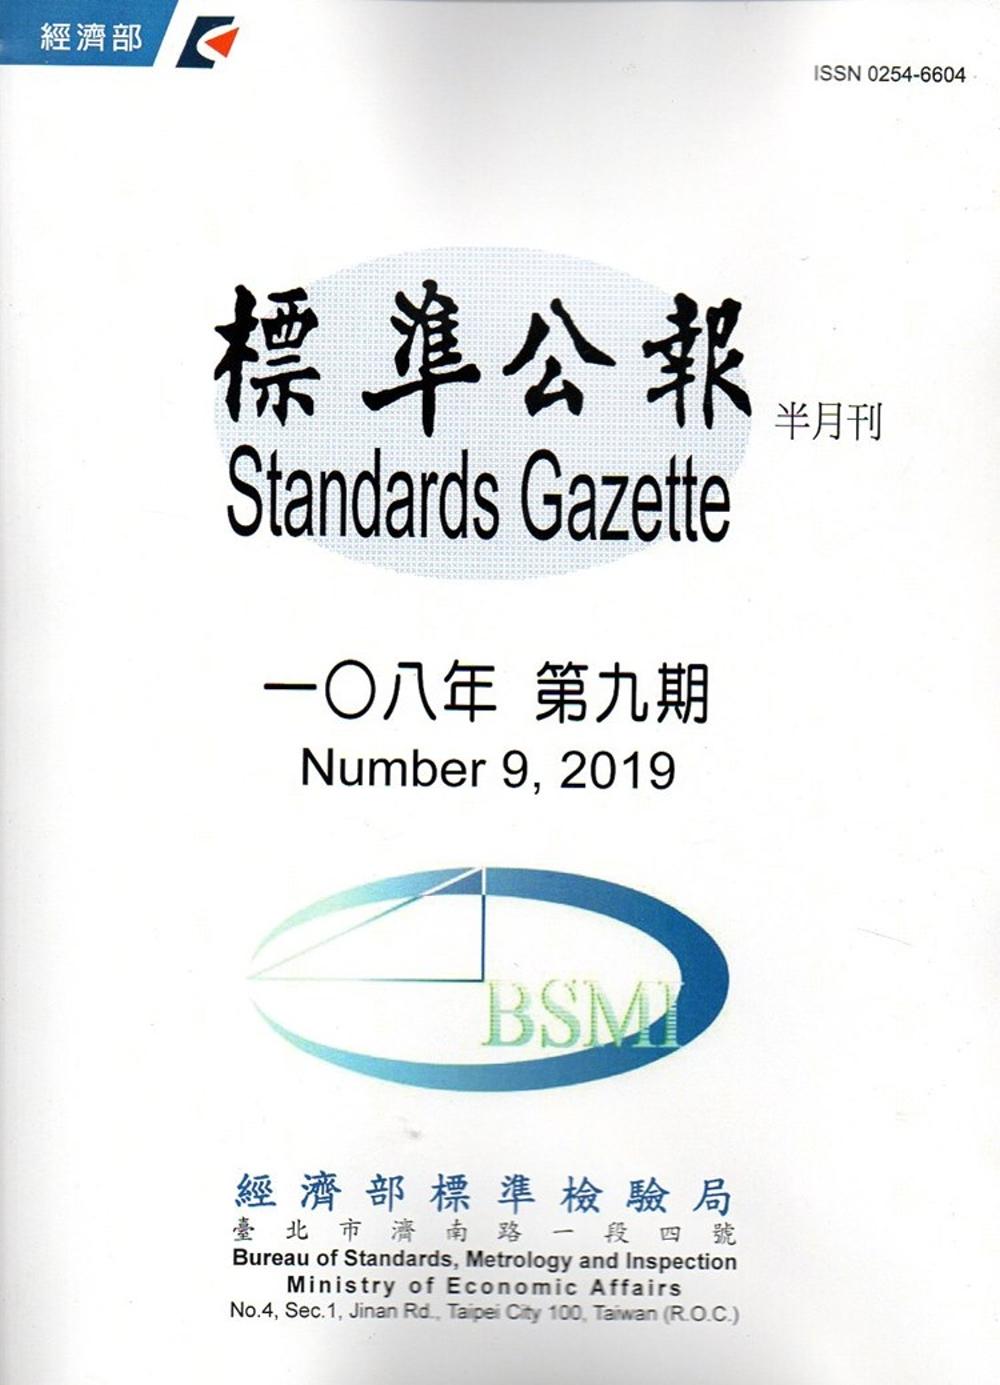 標準公報半月刊108年 第九期